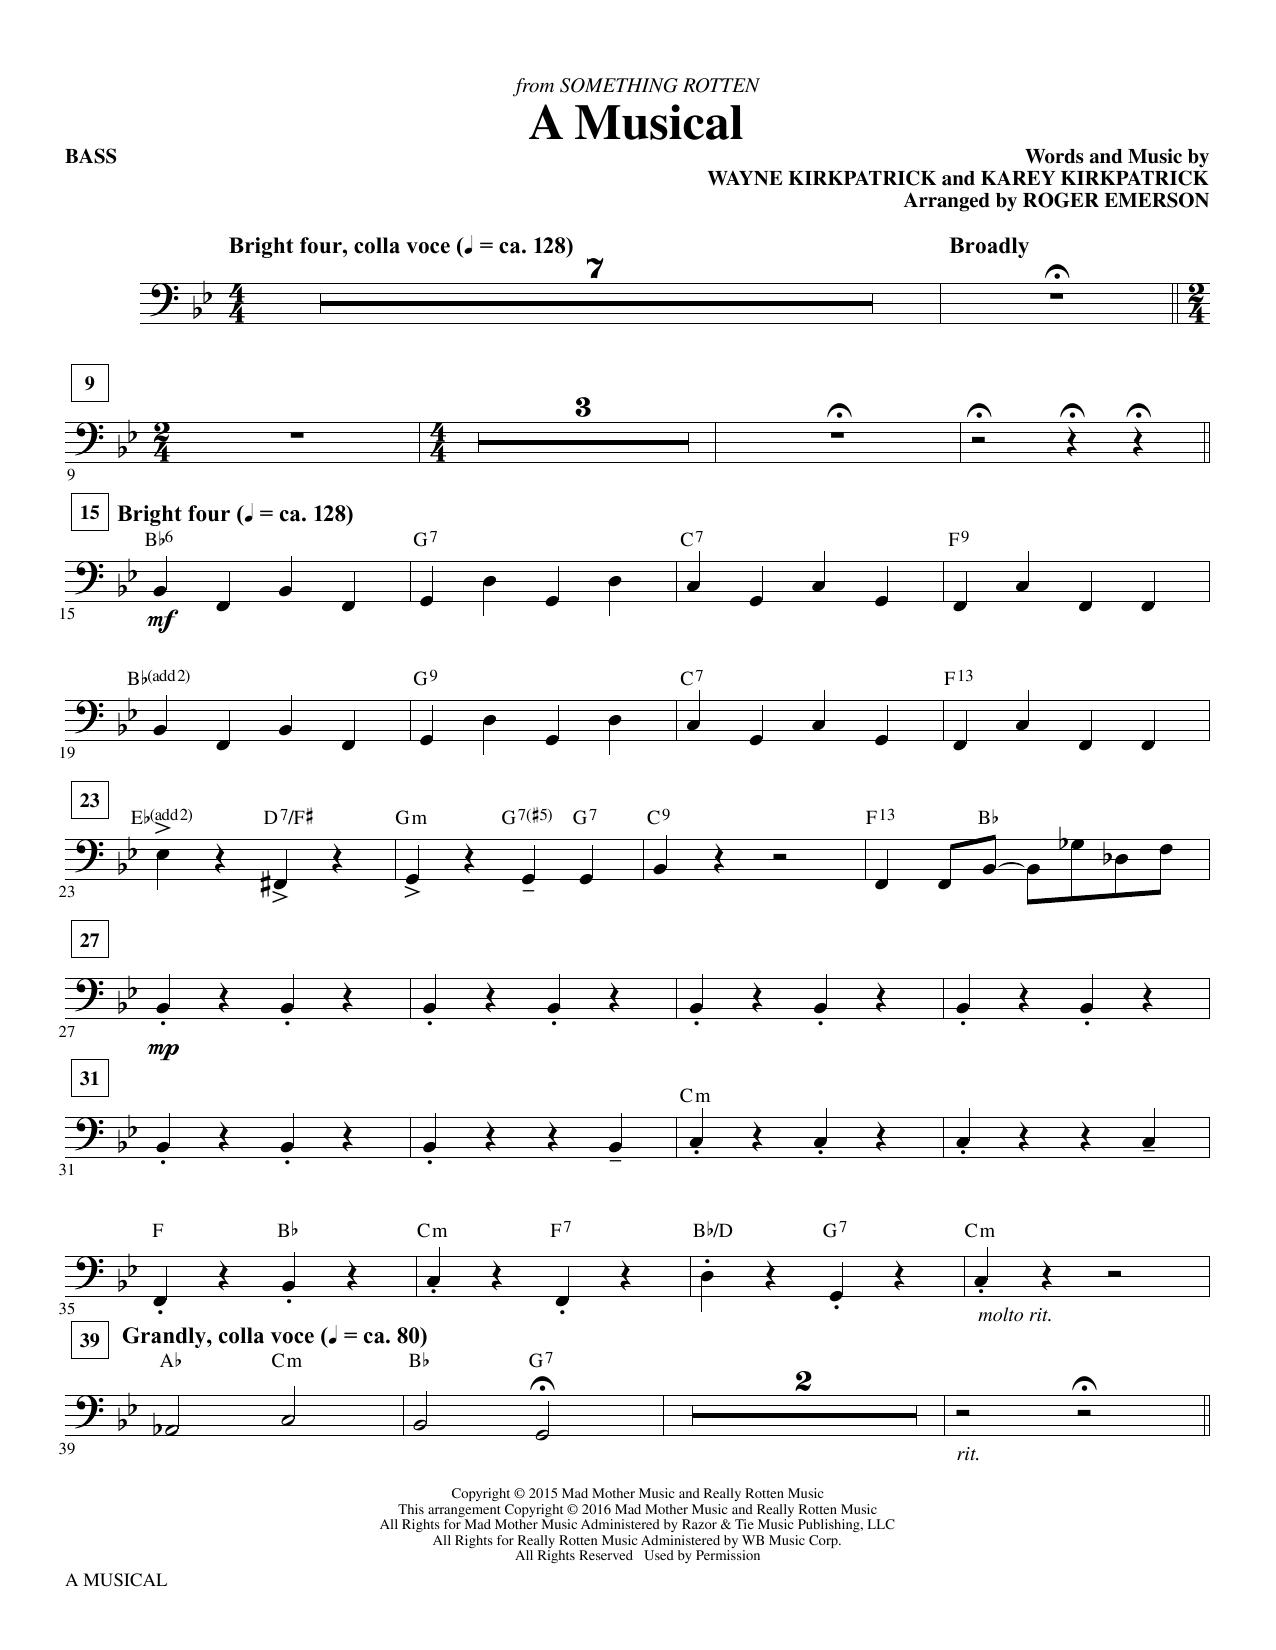 A Musical - Bass Sheet Music